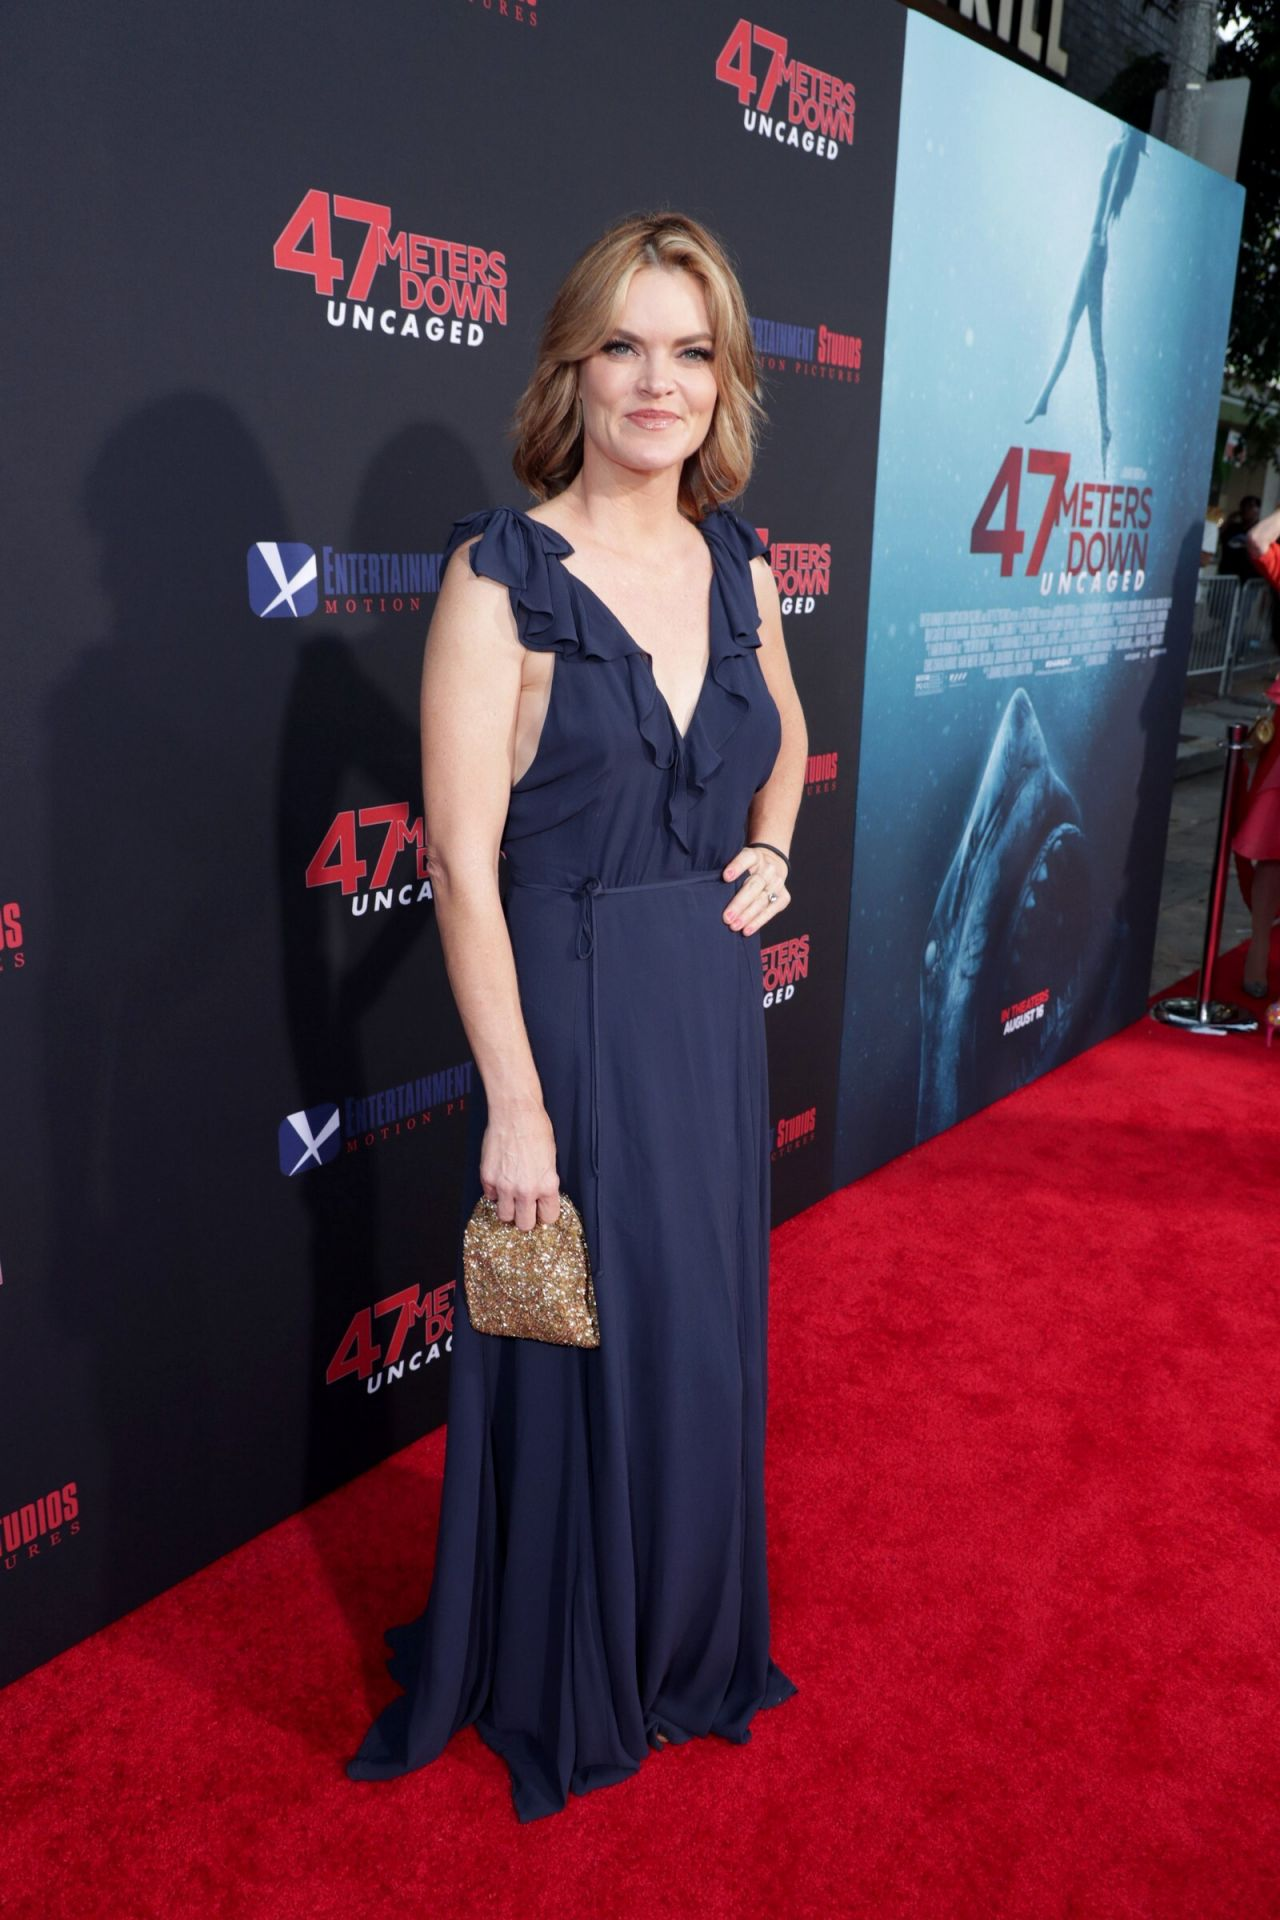 Missi Pyle 47 Meters Down Uncaged Premiere In Los Angeles